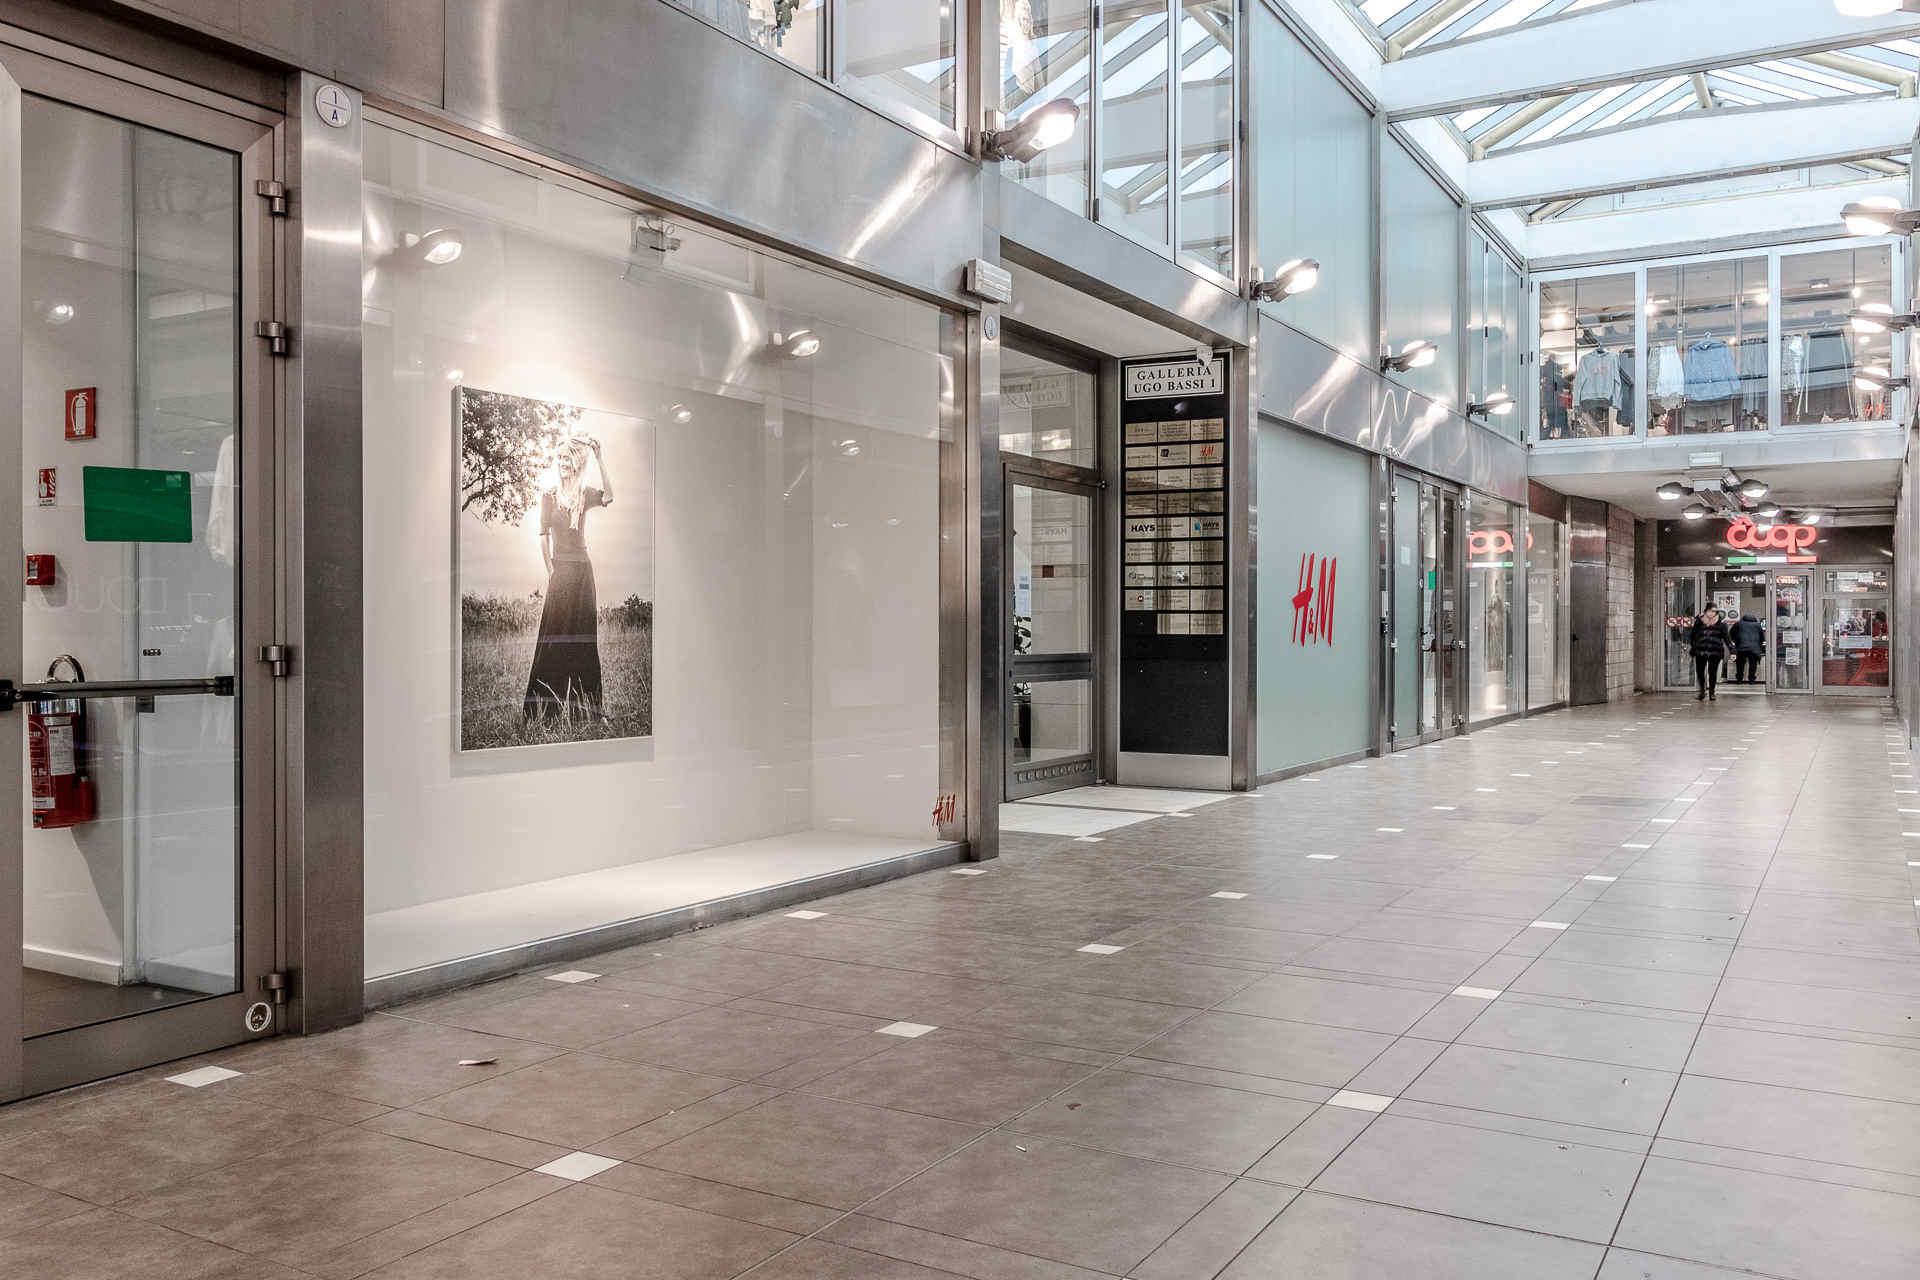 Galleria Ugo Bassi